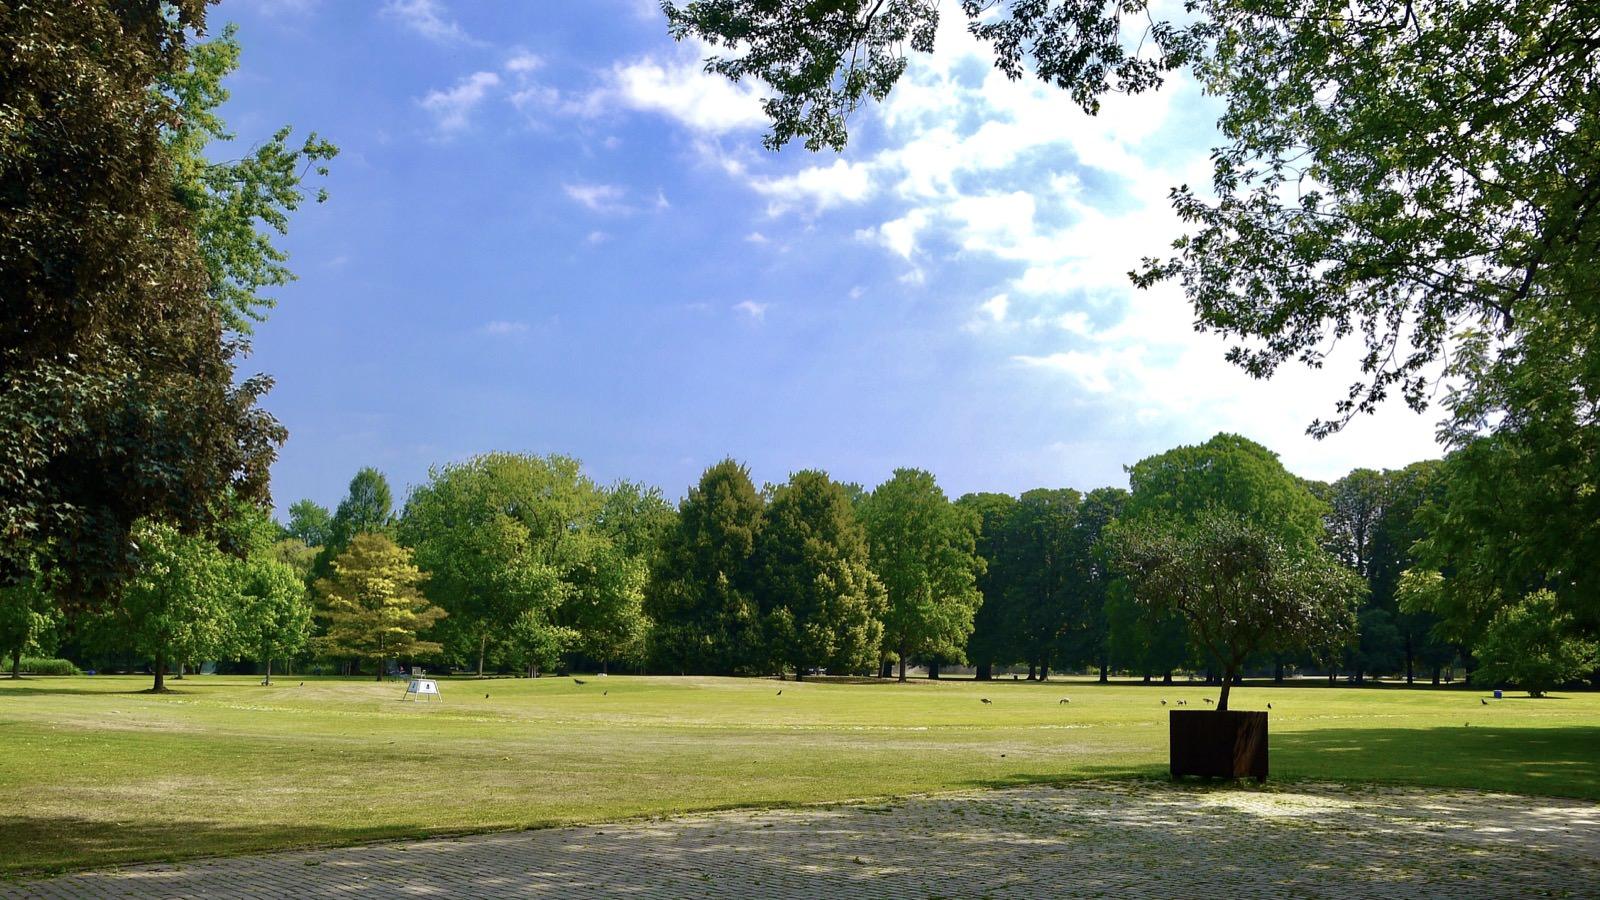 herzogenriedpark wiese p1080491 - Stadtparks öffnen für Besitzer*innen einer Jahreskarte